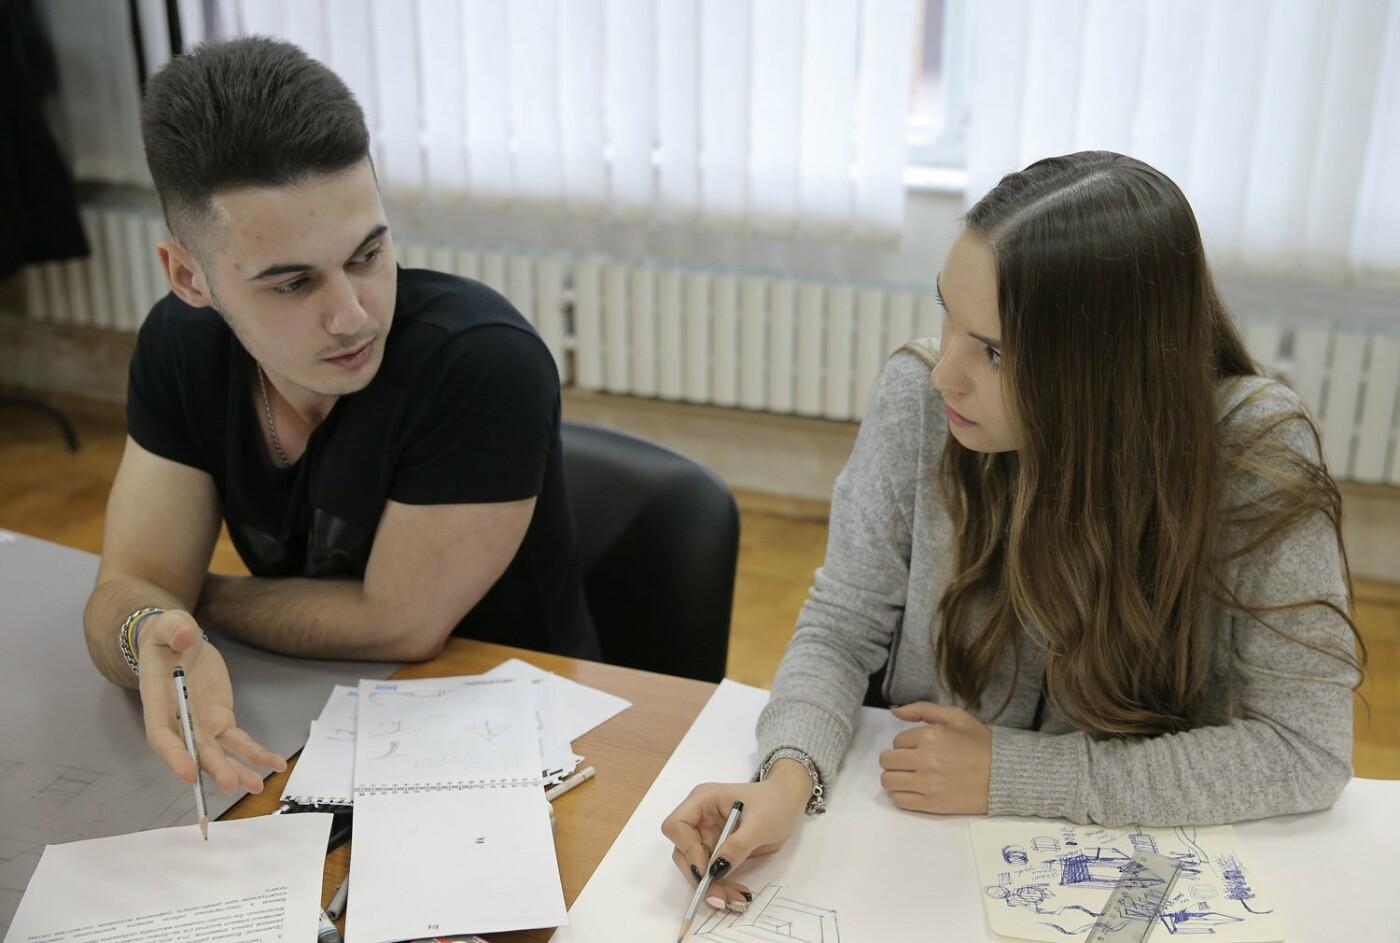 В рамках студенческого конкурса «Архитектор» молодежь создает уникальные архитектурные проекты, фото-2